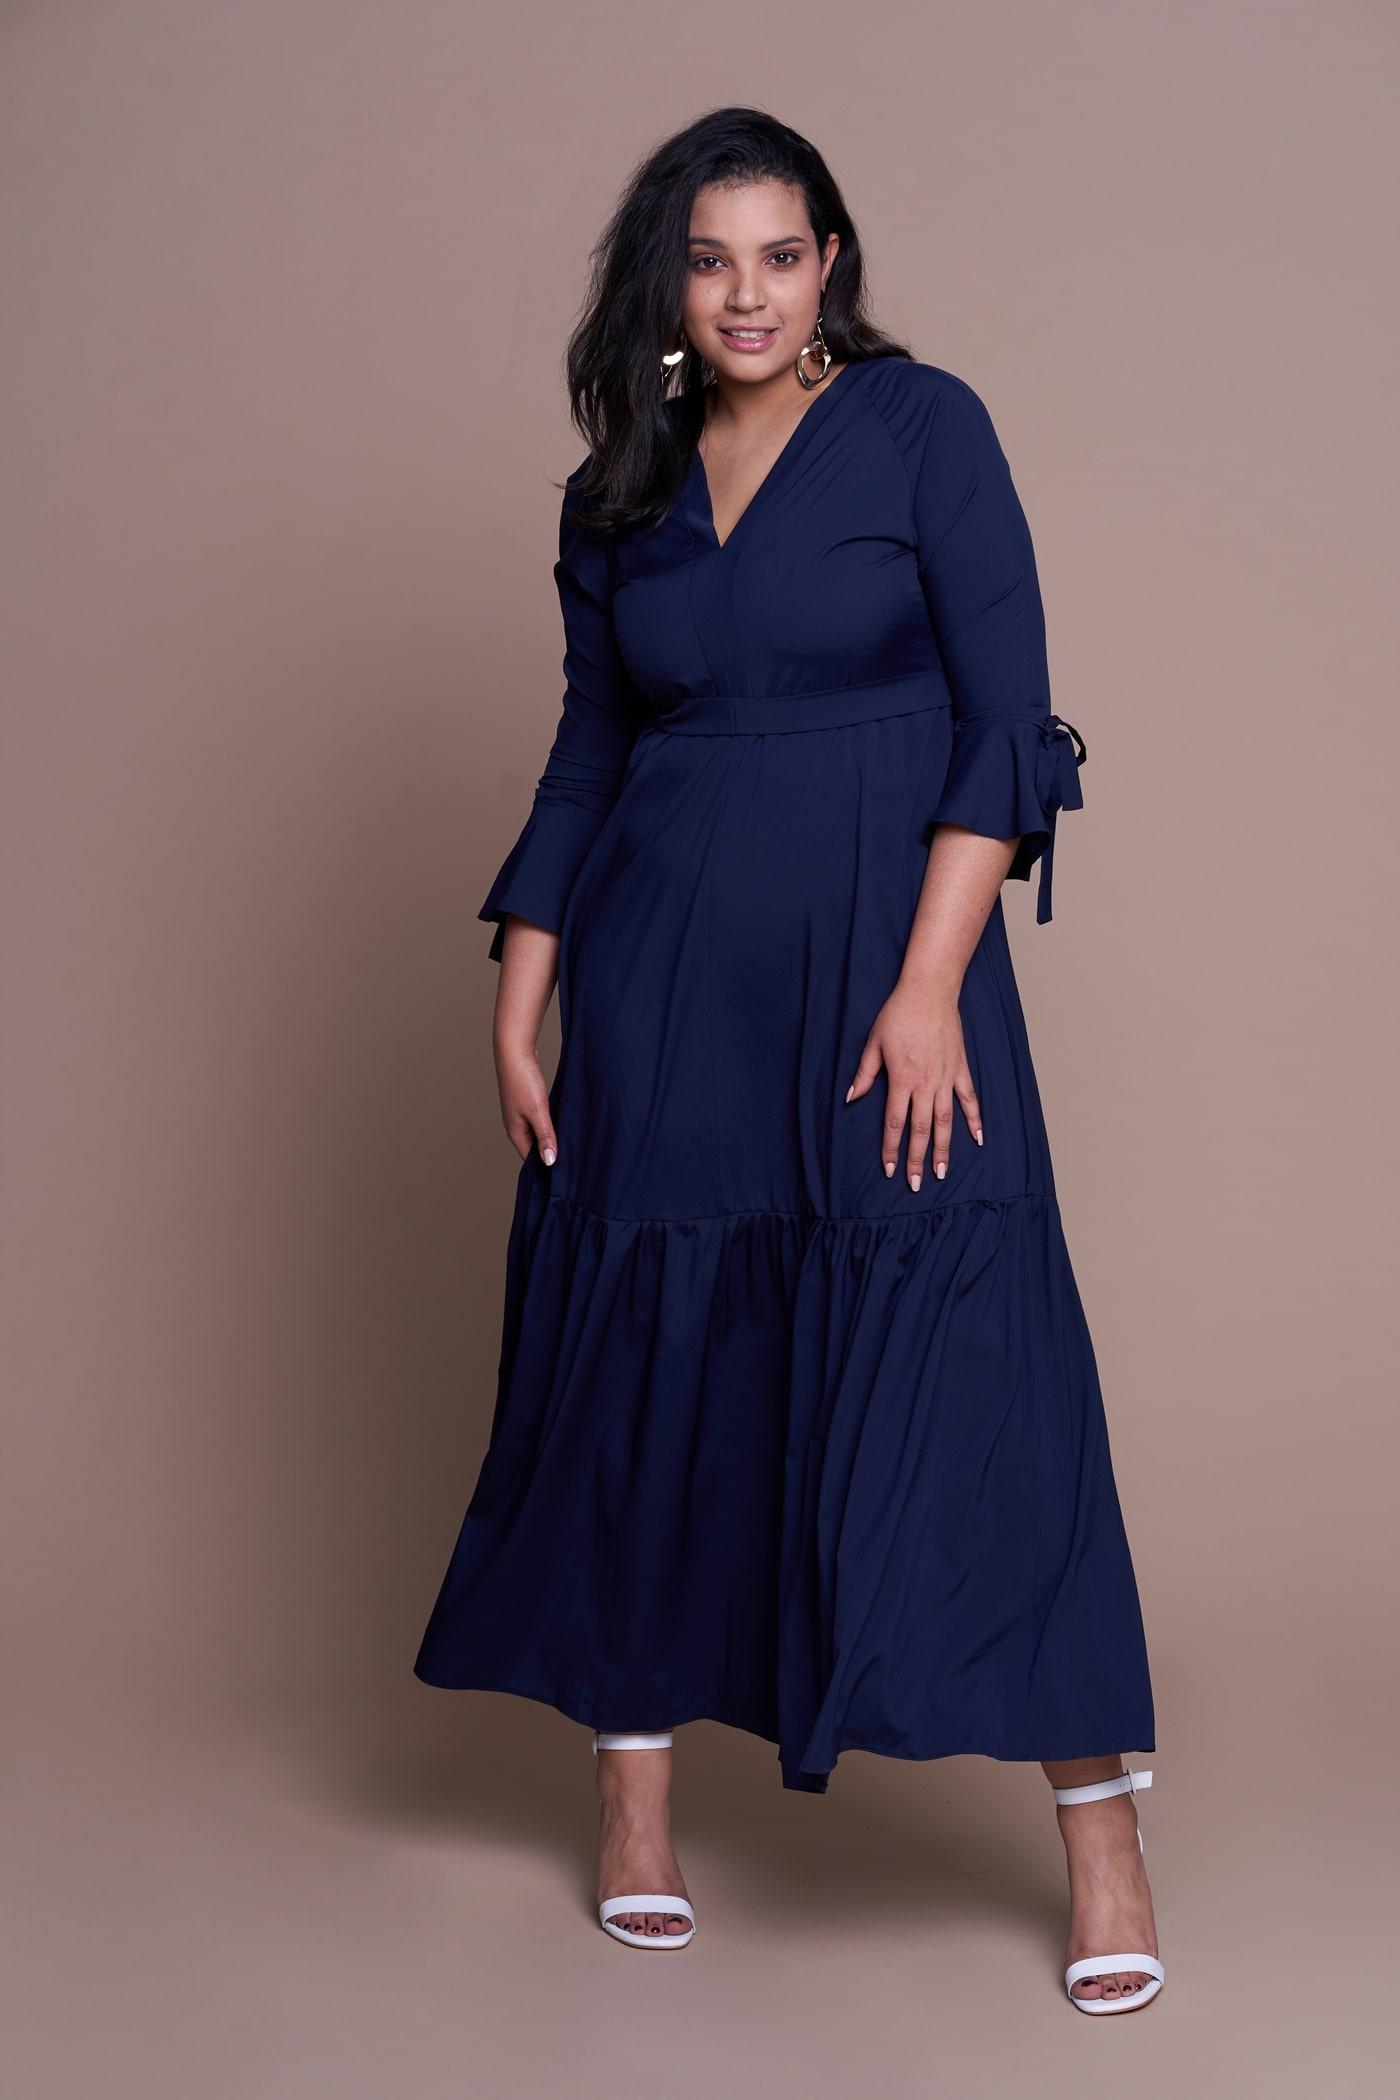 FLORENCE NAVY długa suknia plus size na wiosnę